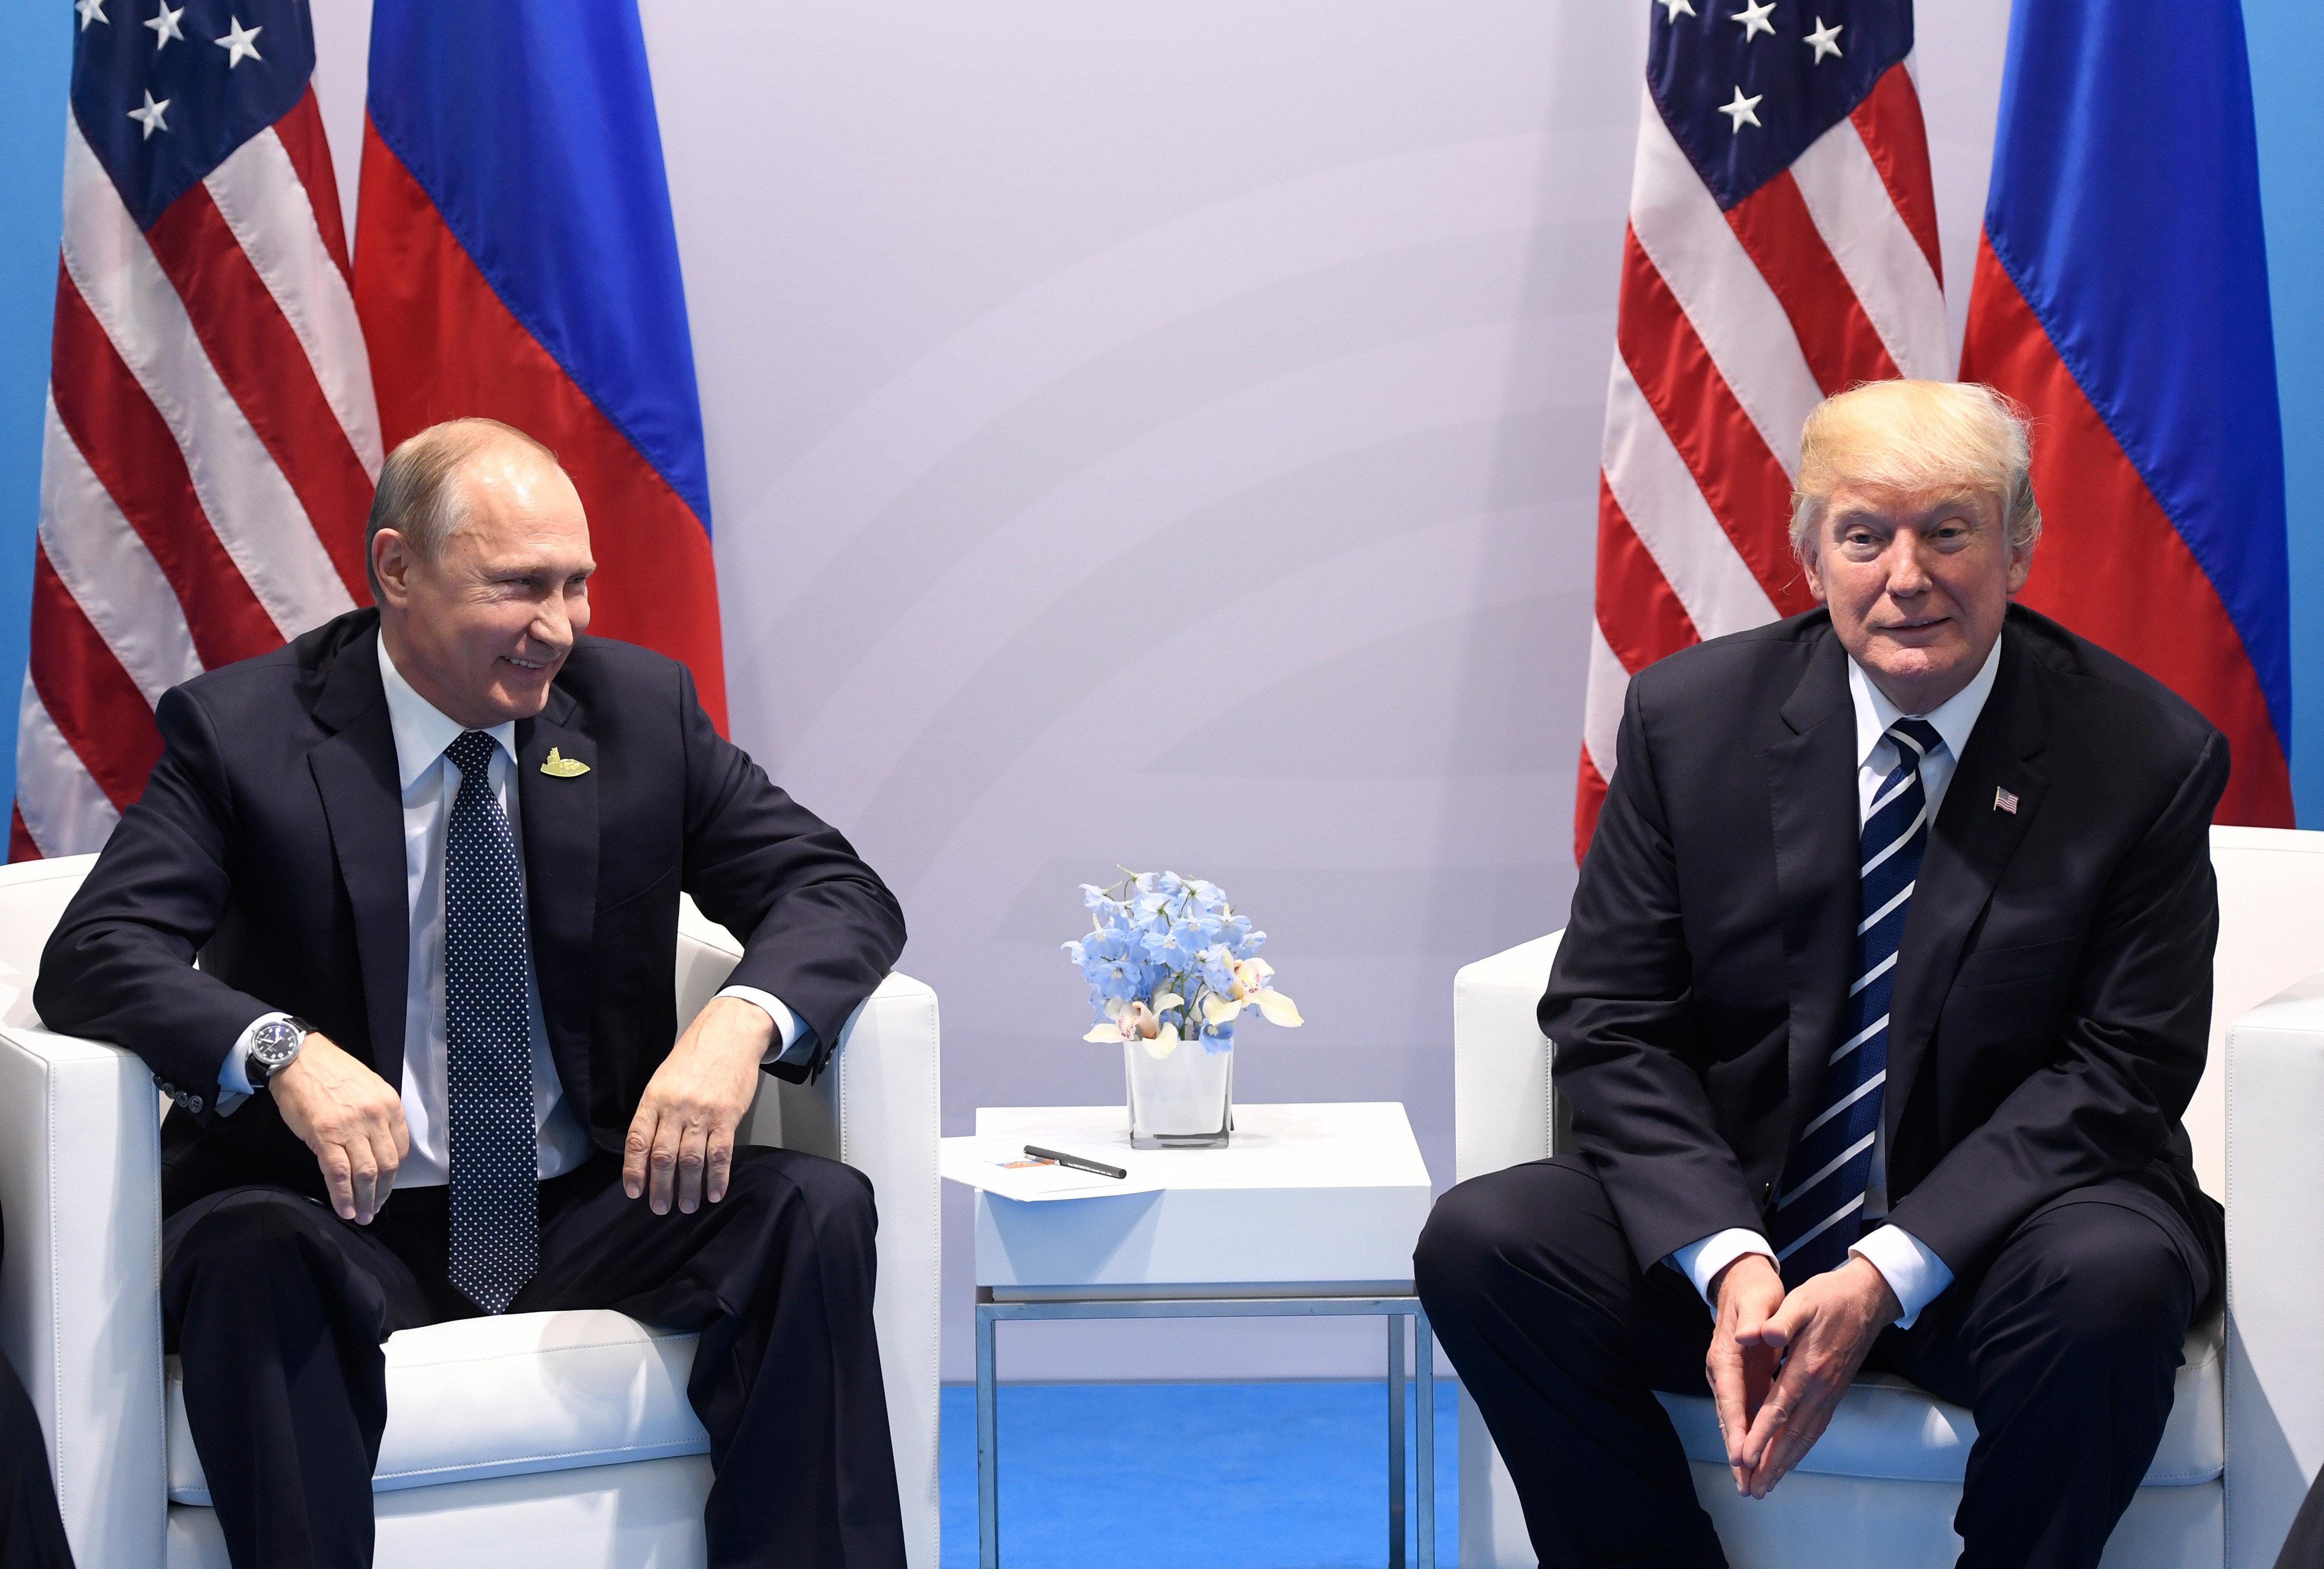 La rencontre Trump-Poutine transforme-t-elle le sommet de l'Otan en piège pour les